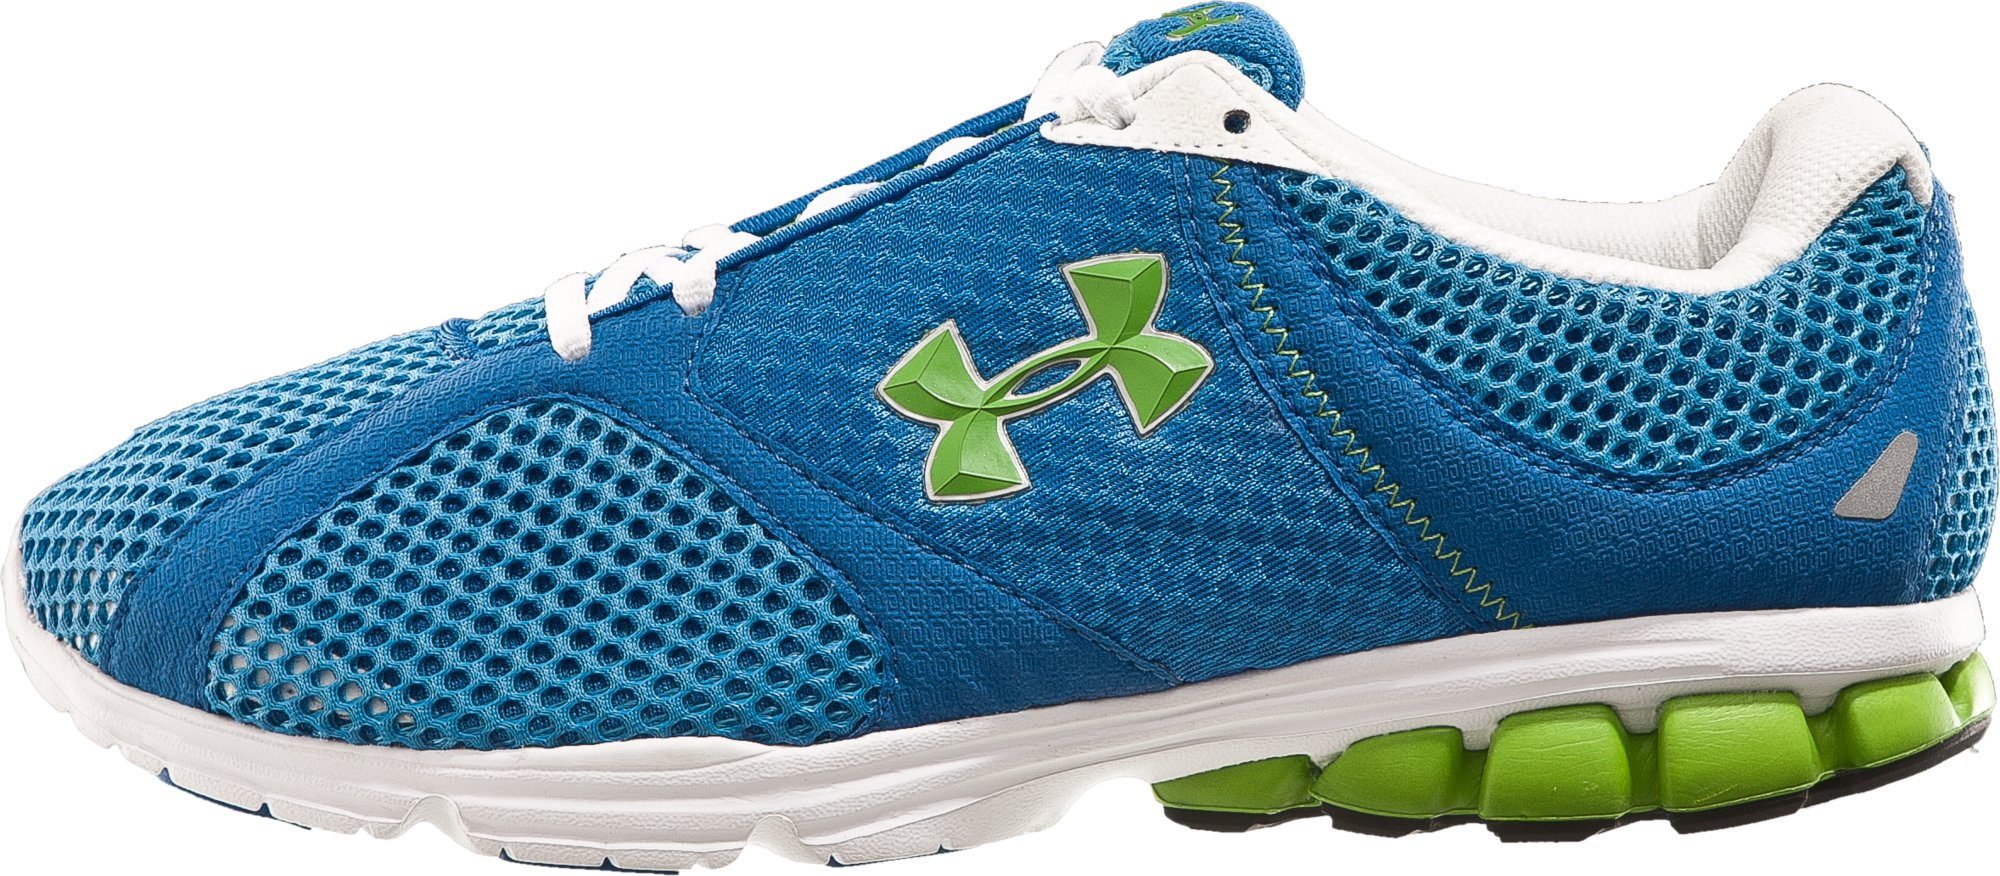 ross asks about s ua assert running shoes needle